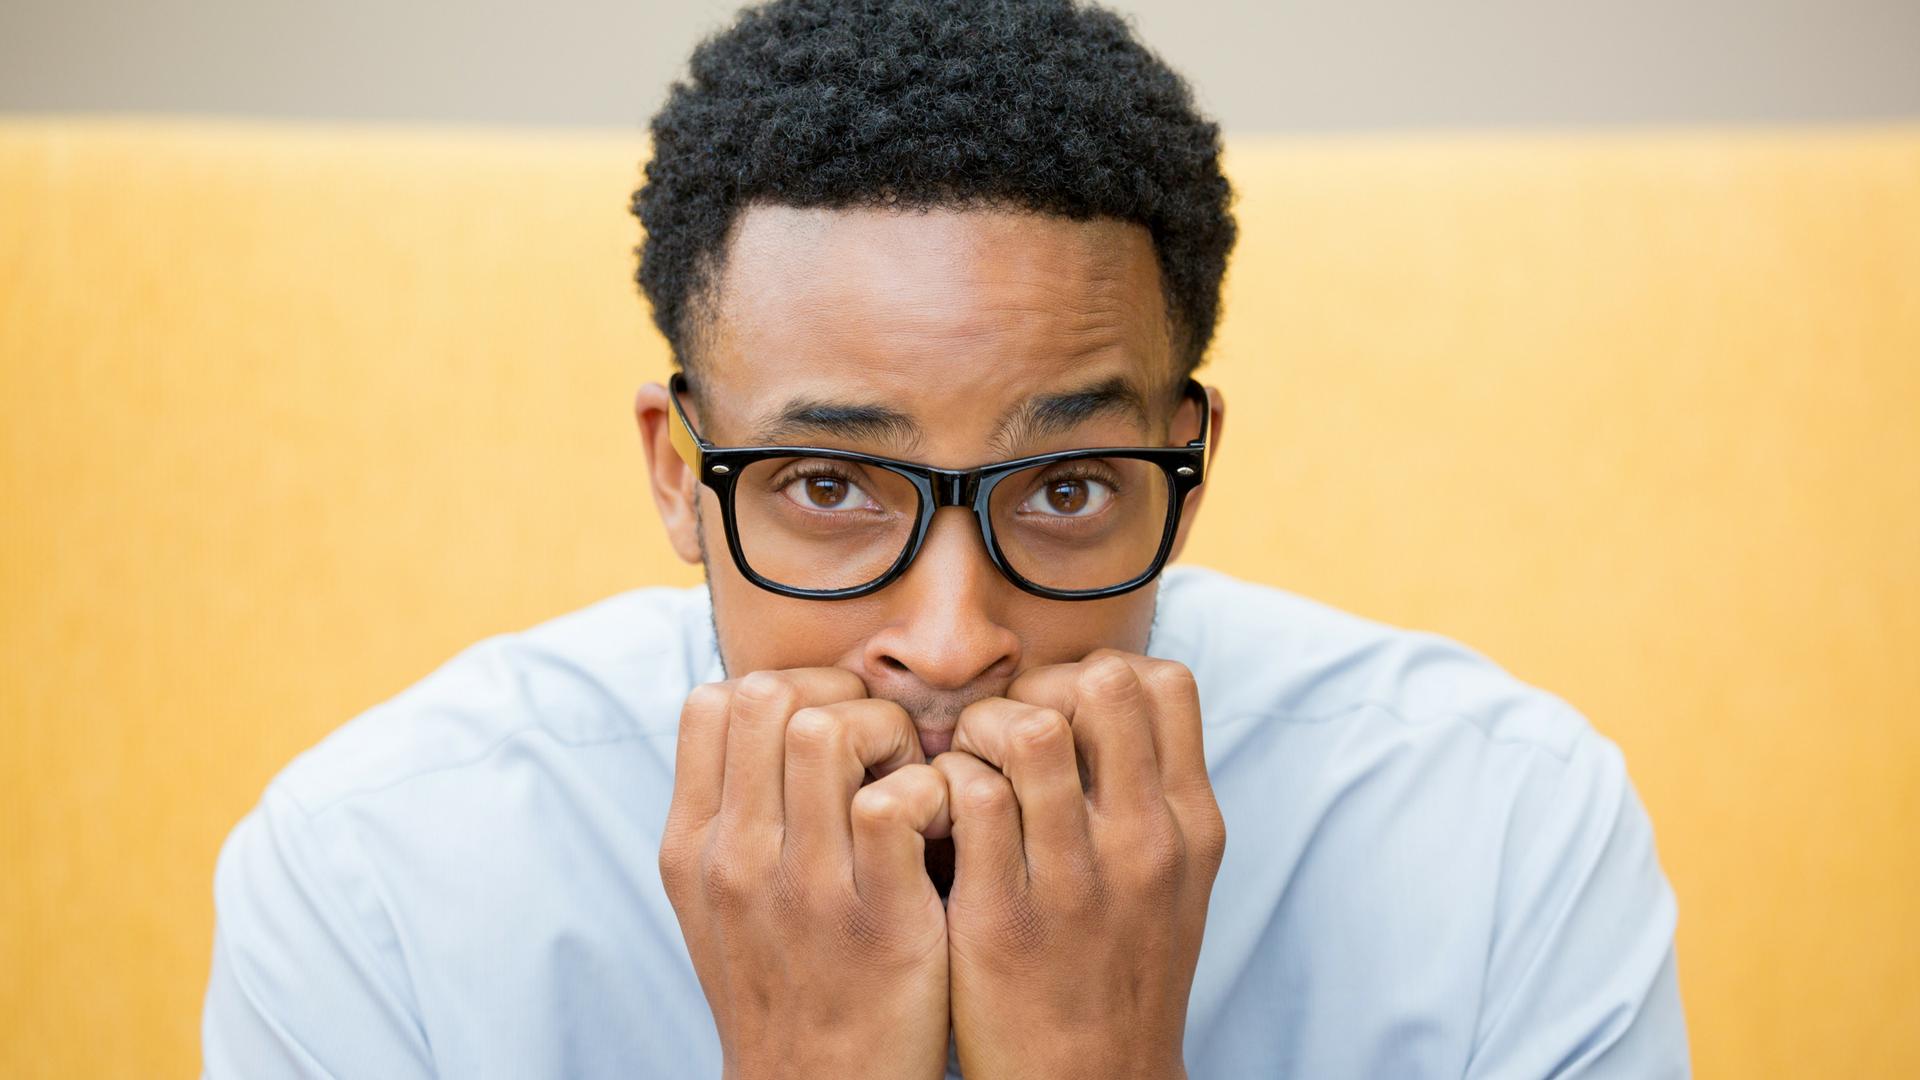 Come fronteggiare l'ansia: il potere di rinominare le emozioni